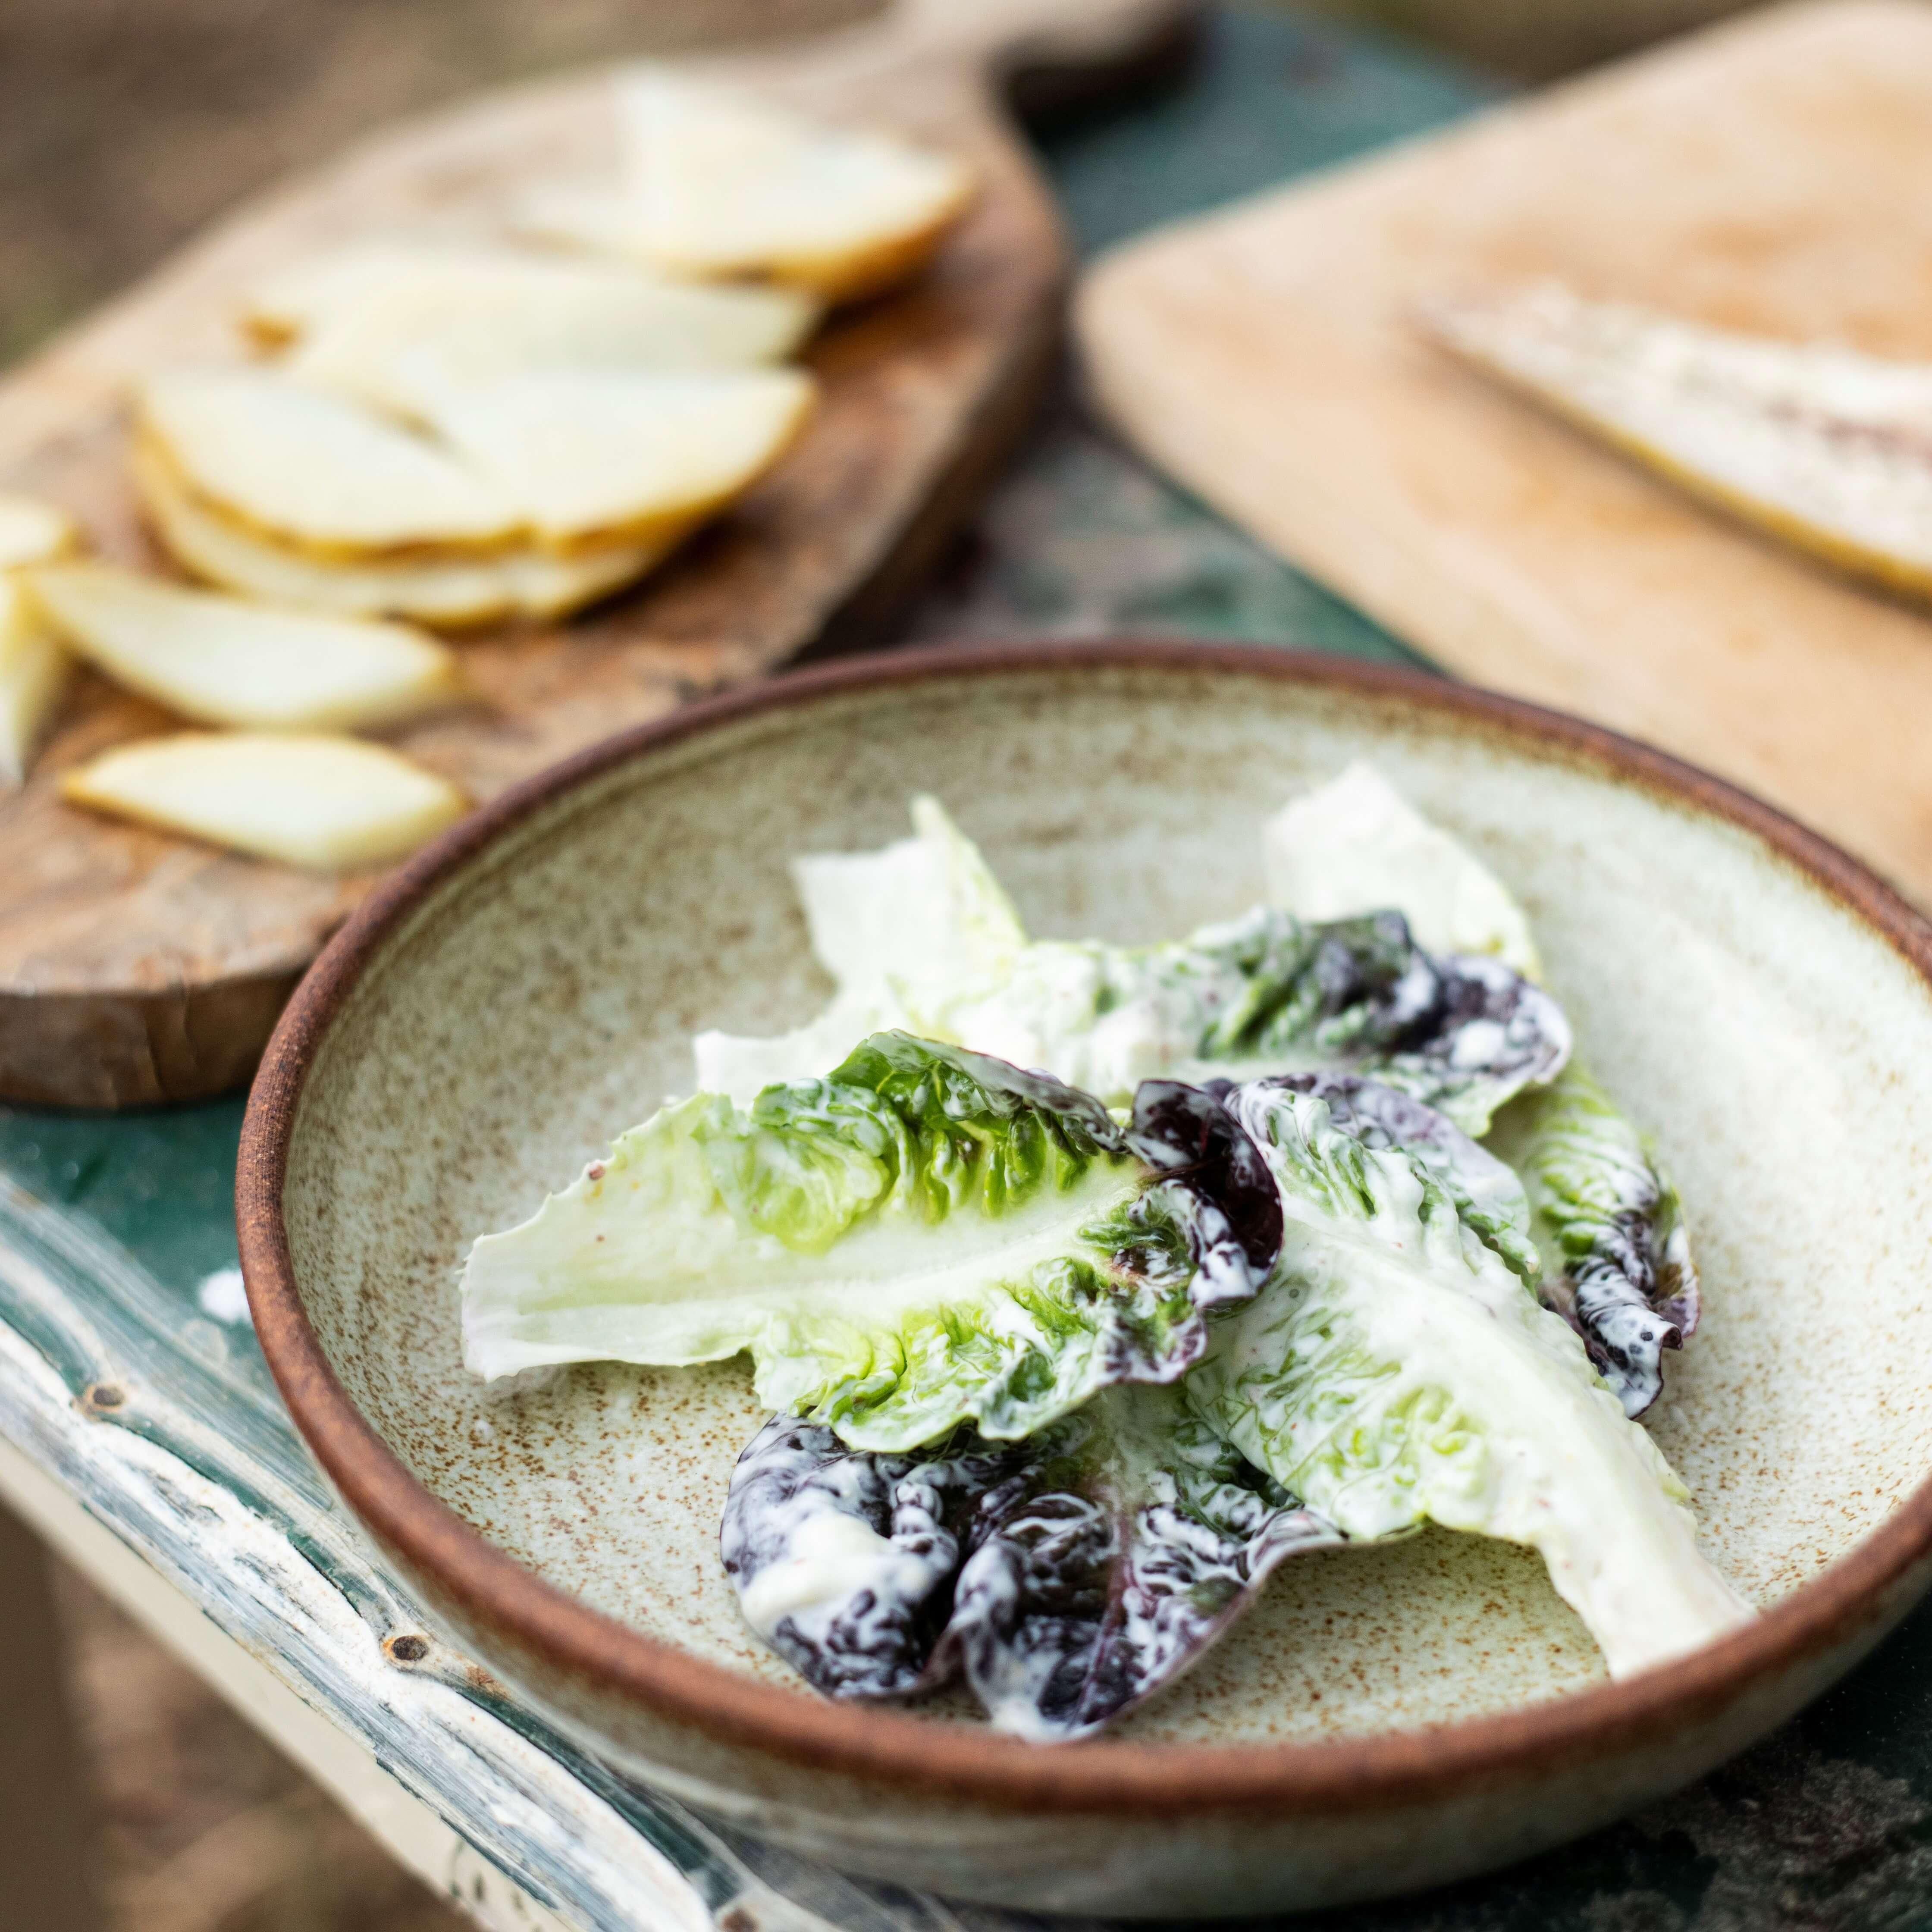 Salát suzenou makrelou, pečeným celerem, hruškou, majonézou alískovým oříškem